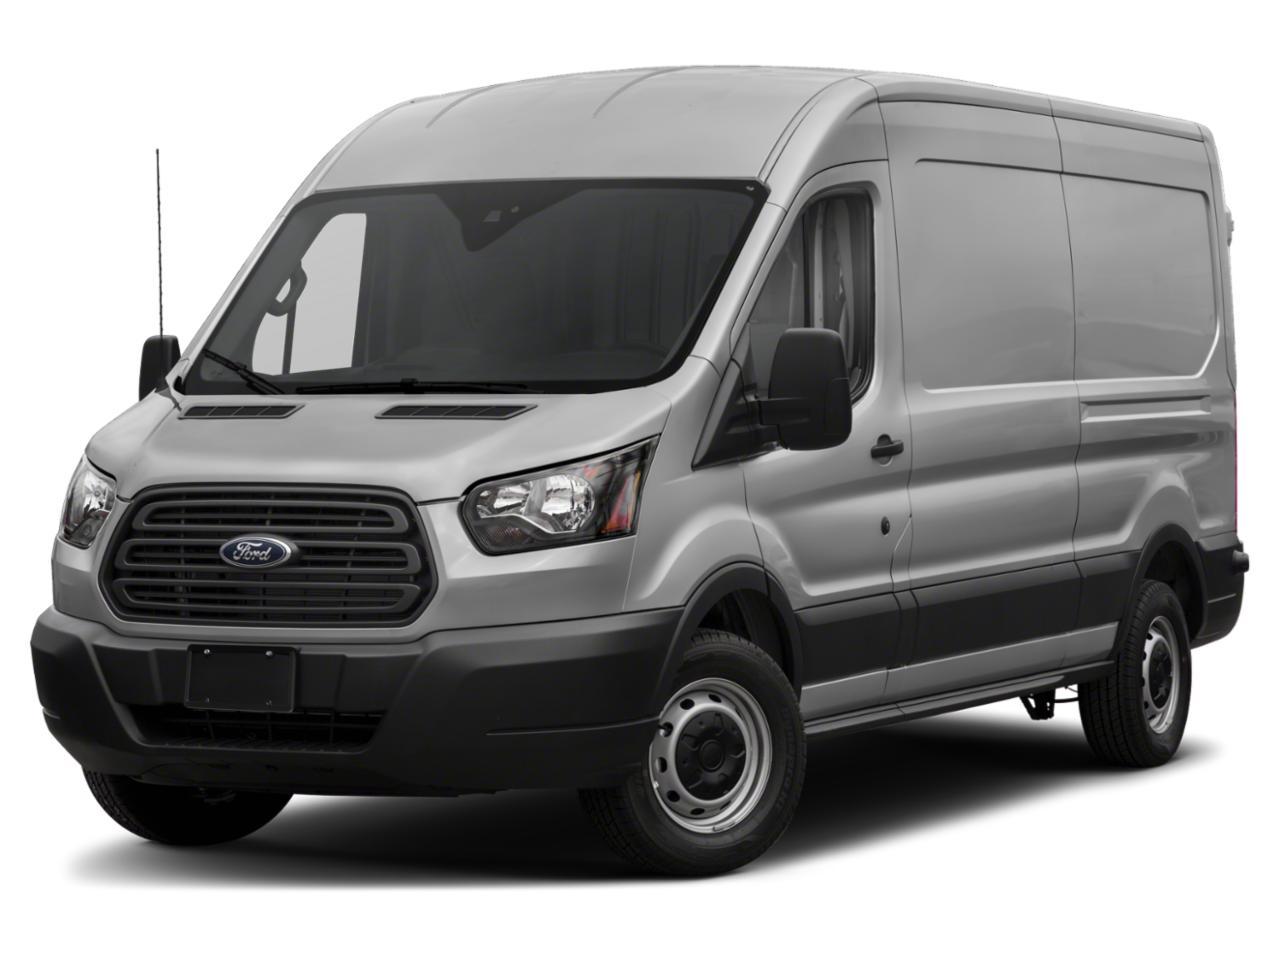 2019 Ford Transit Van Vehicle Photo in Joliet, IL 60586